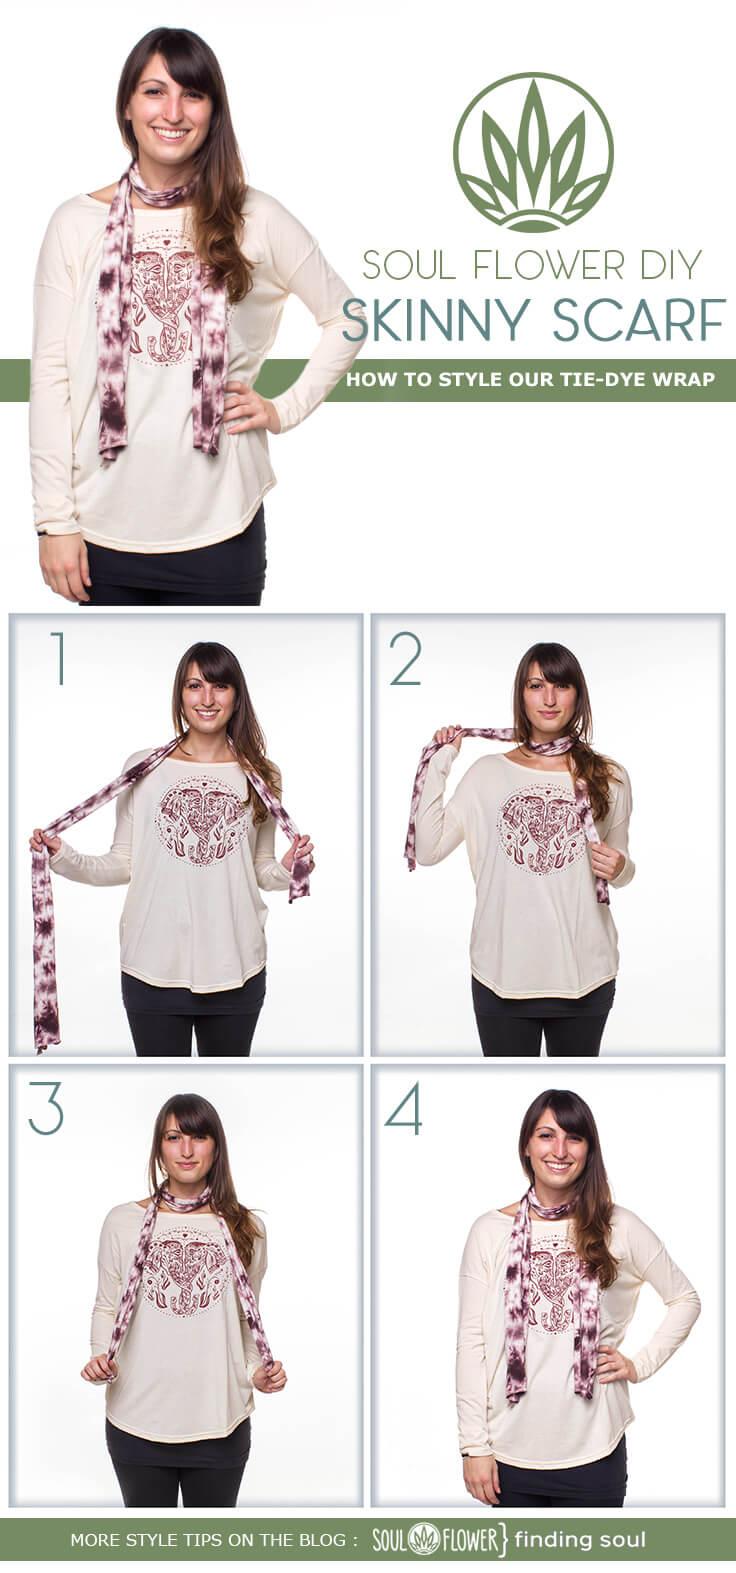 skinny scarf - 6 Ways to Style Our Tie-Dye Wrap